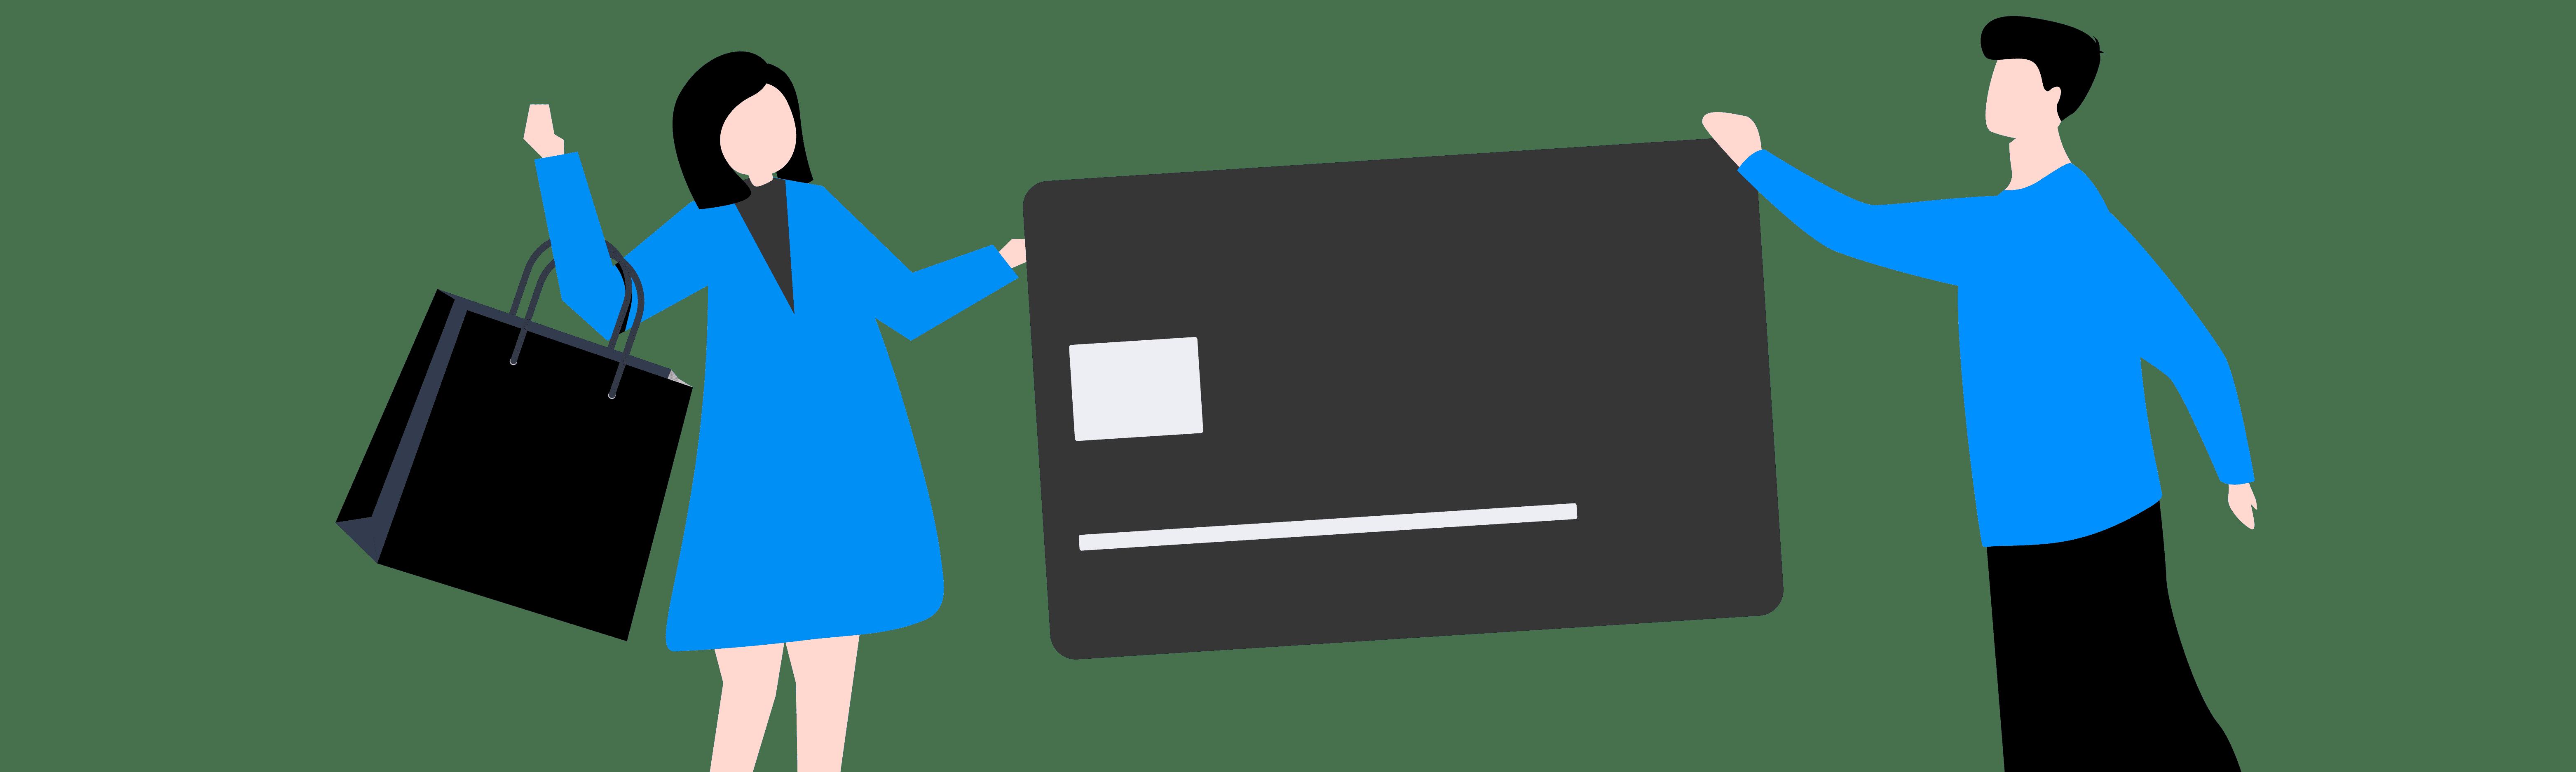 Ilustração lúdica mostra um homem e uma mulher segurando um cartão de crédito gigante e algumas sacolas de compras.